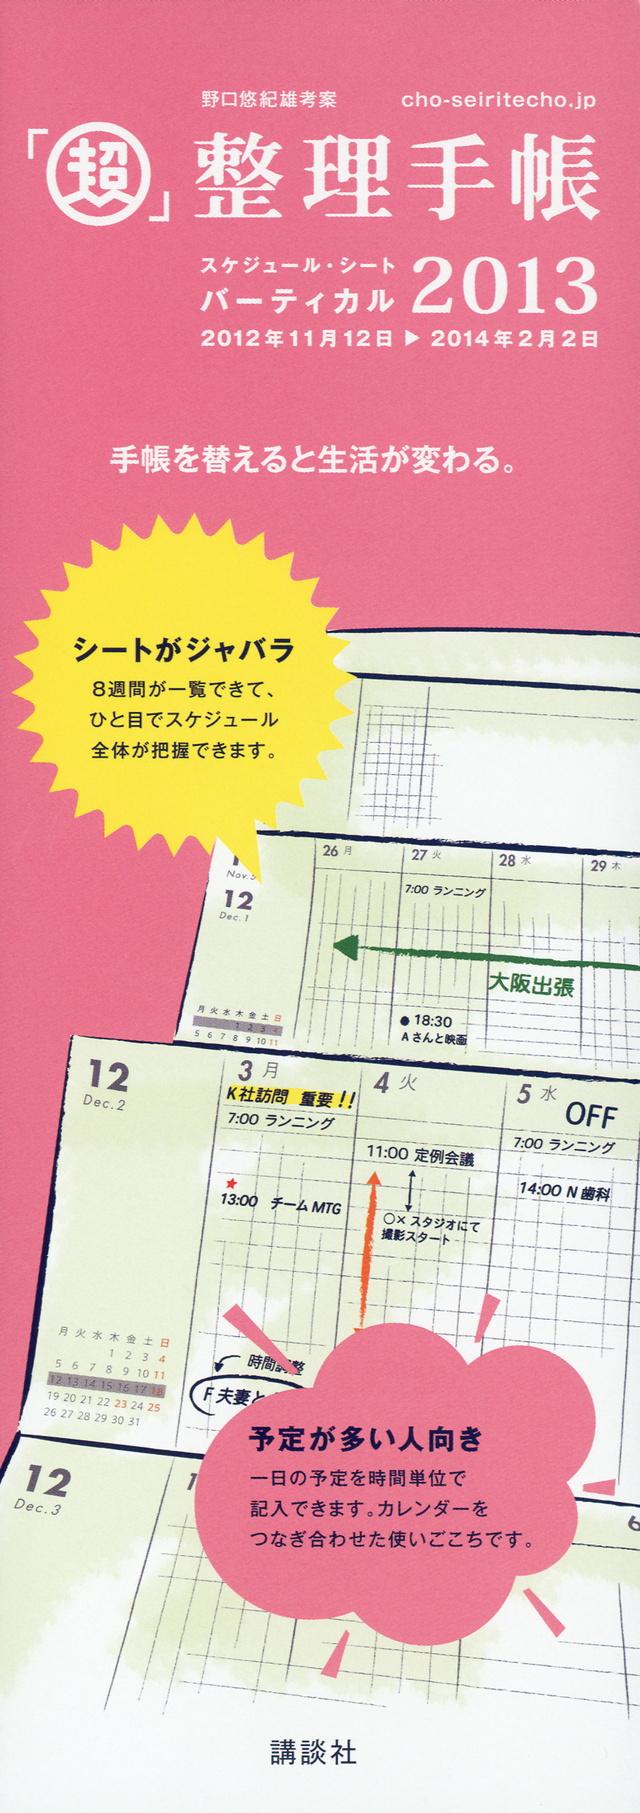 「超」整理手帳 スケジュール・シート バーティカル2013